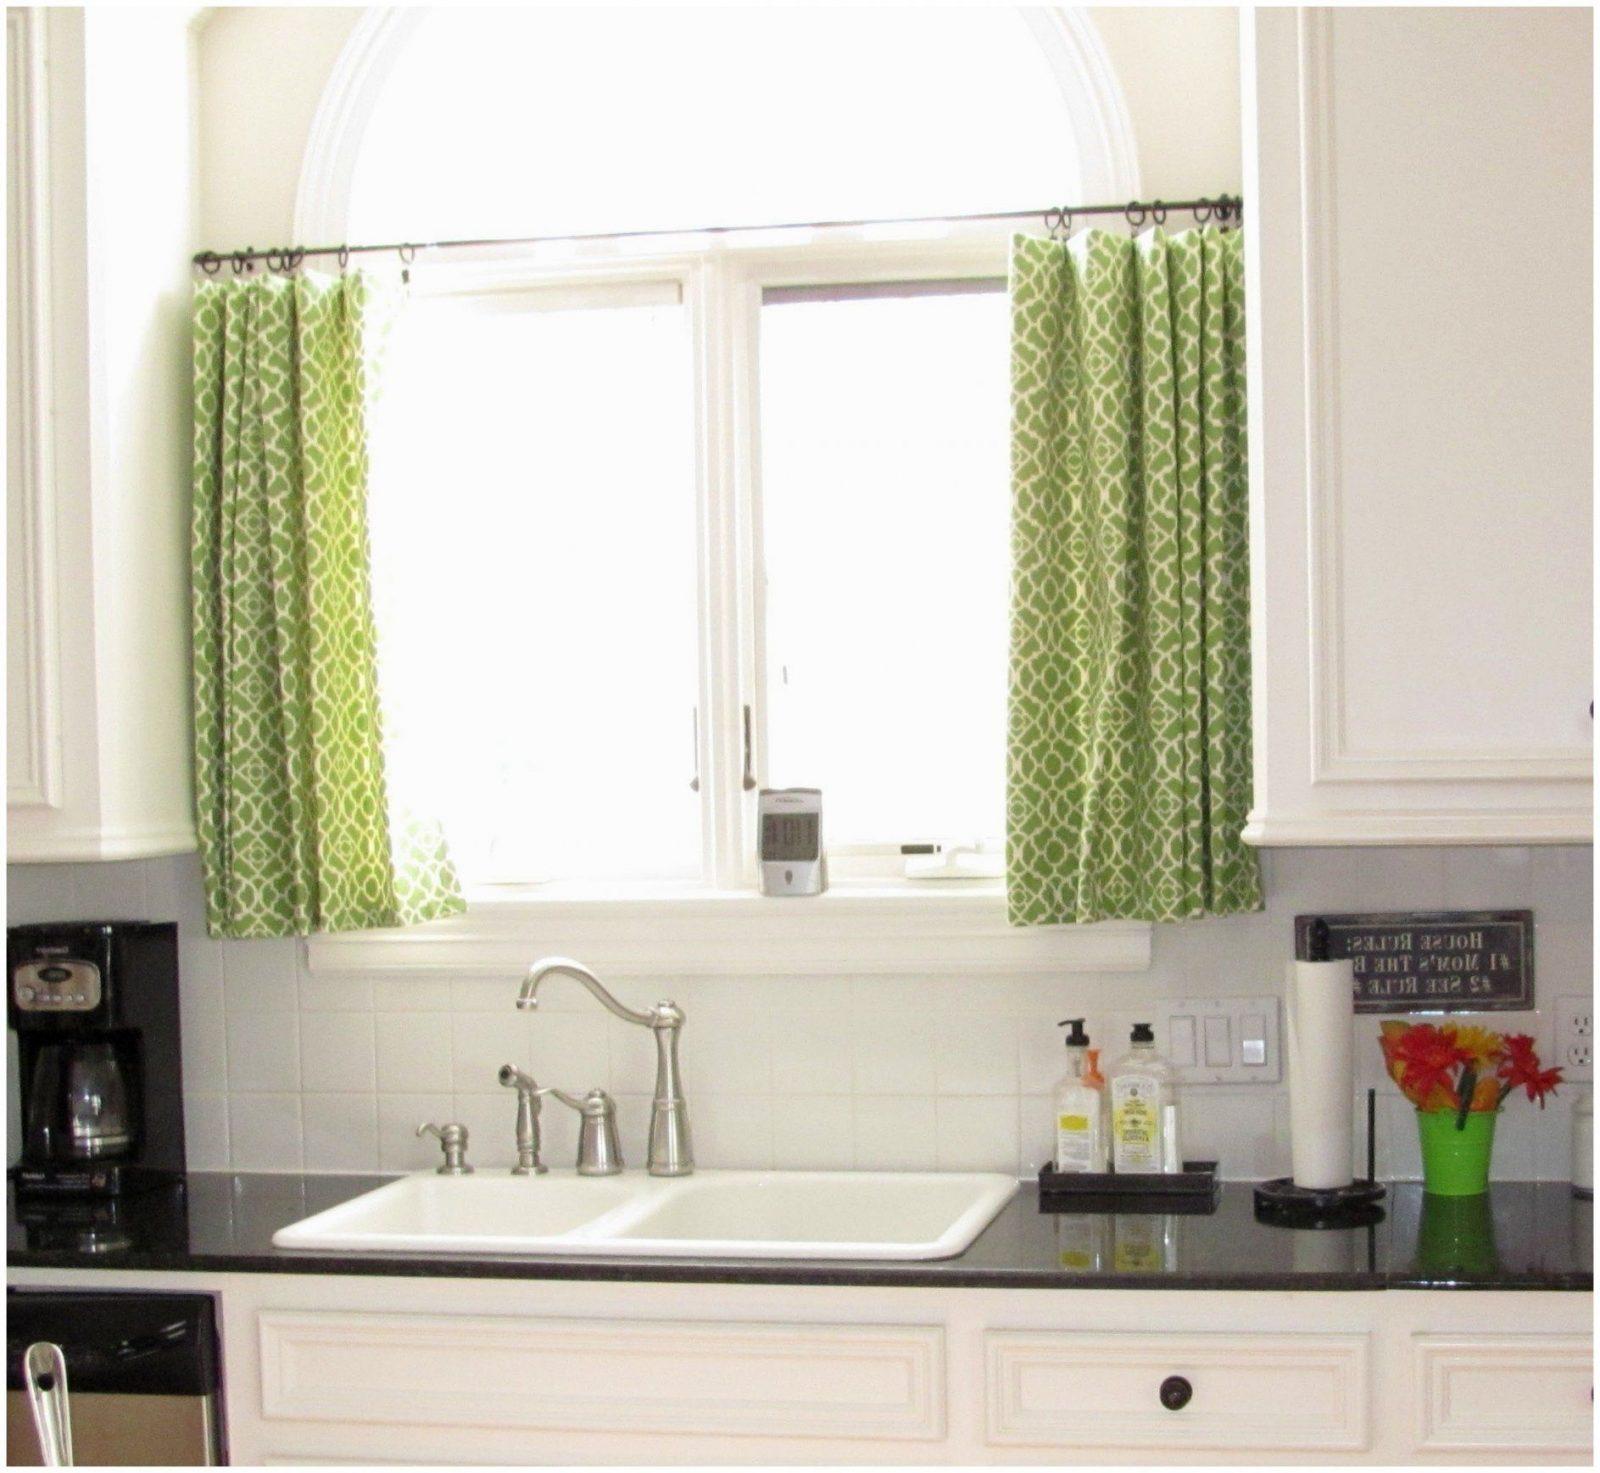 Full Size of Gardinen Küchenfenster Für Küche Wohnzimmer Schlafzimmer Fenster Scheibengardinen Die Wohnzimmer Gardinen Küchenfenster